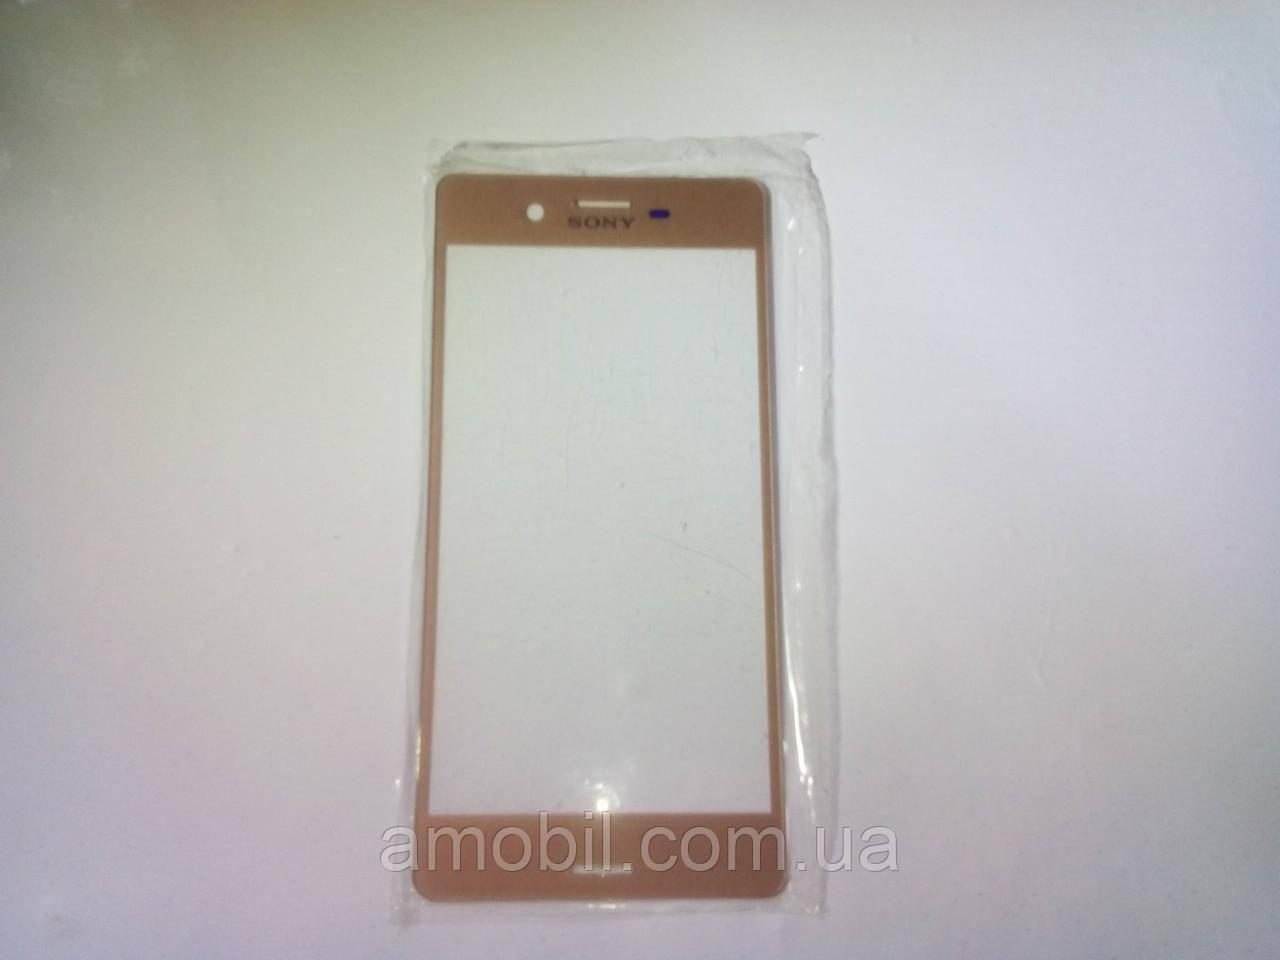 Стекло Sony Xperia X F5121 / F5122 / F8131 / F8132 Rose gold